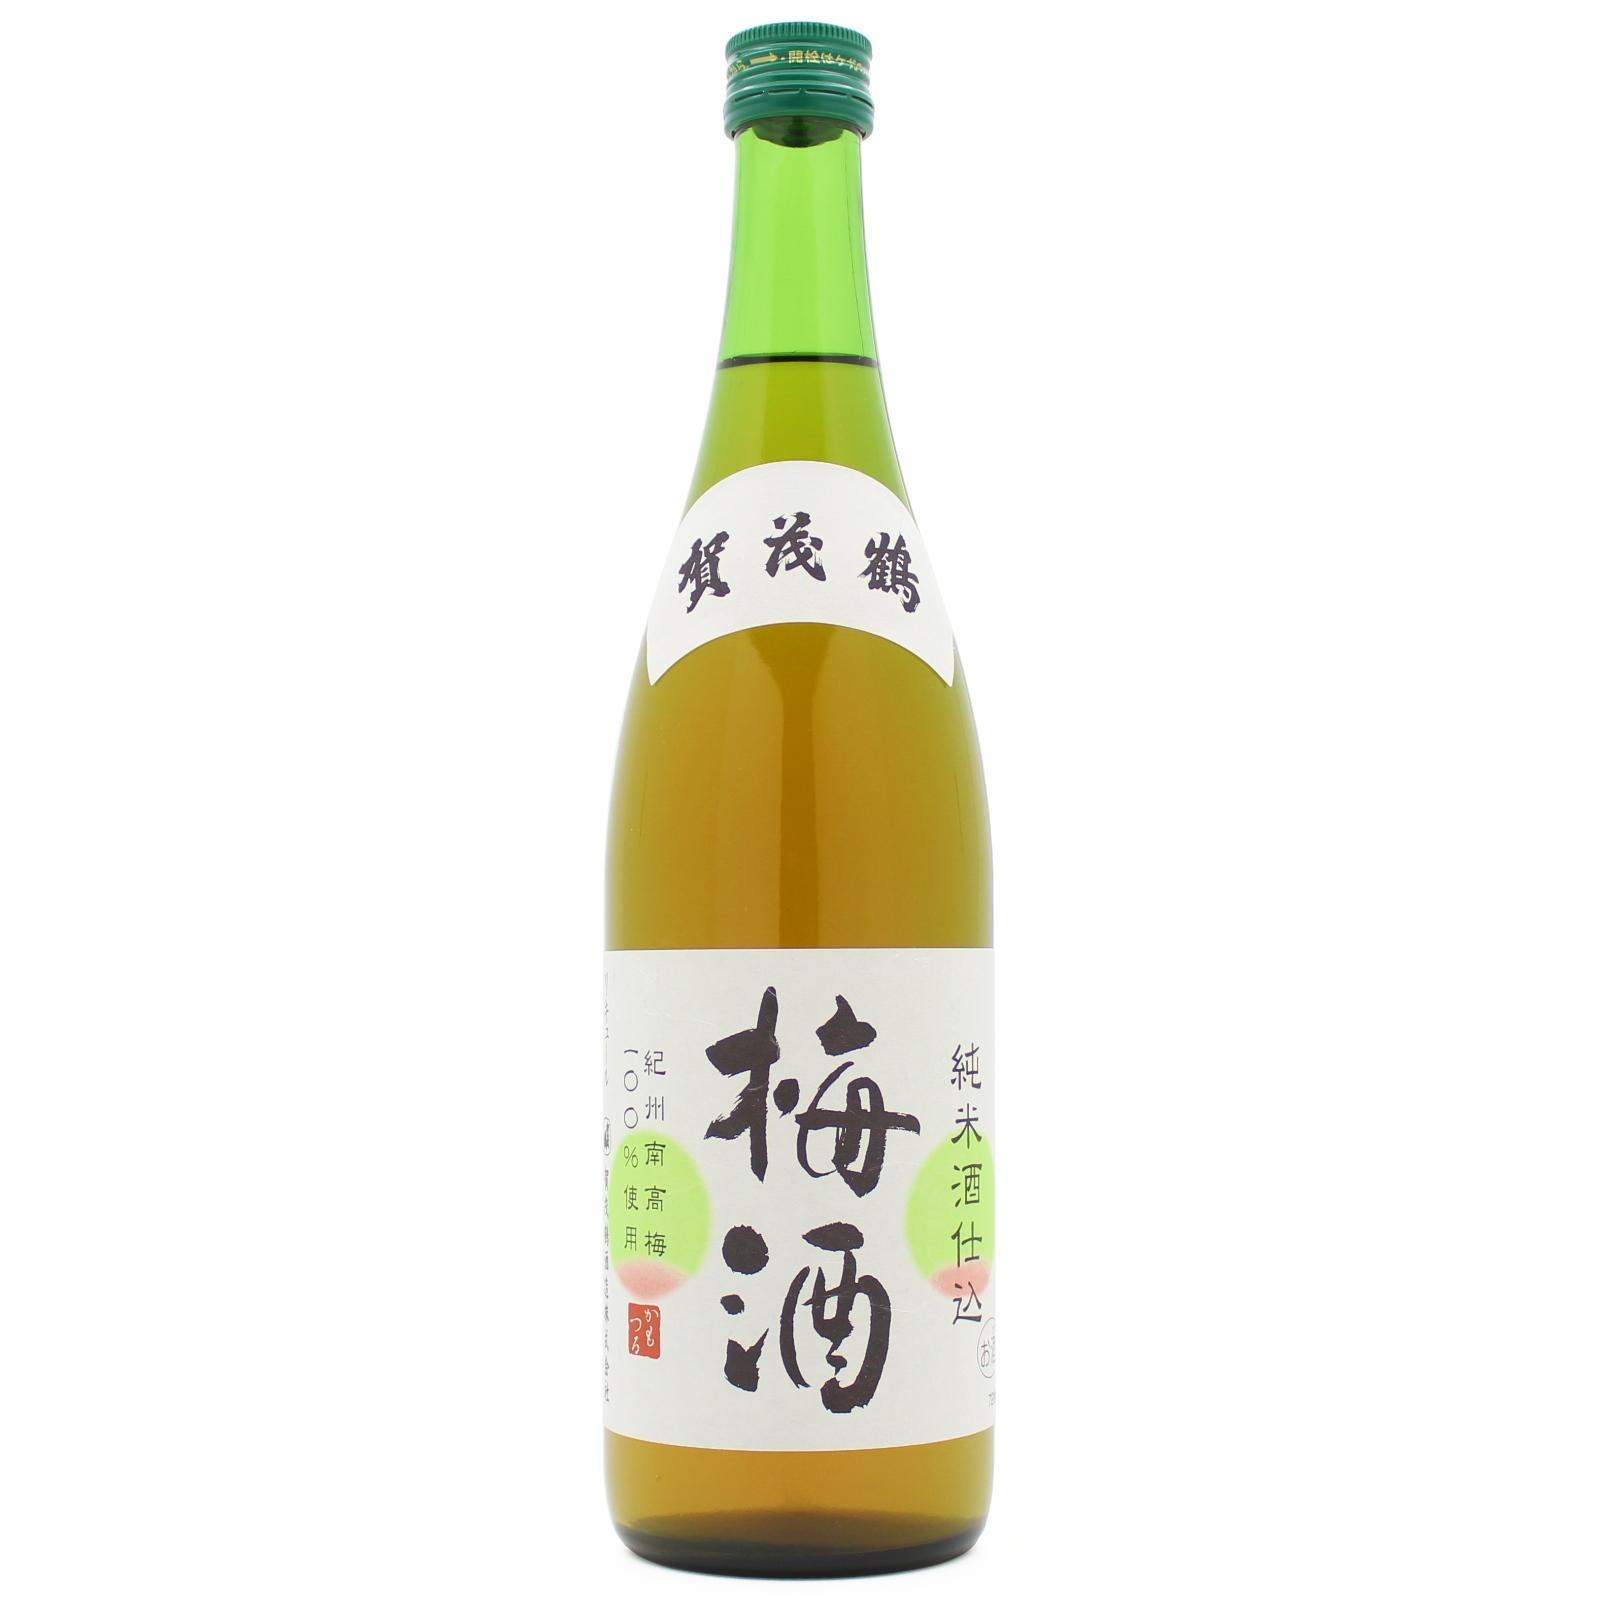 賀茂鶴 純米酒仕込梅酒